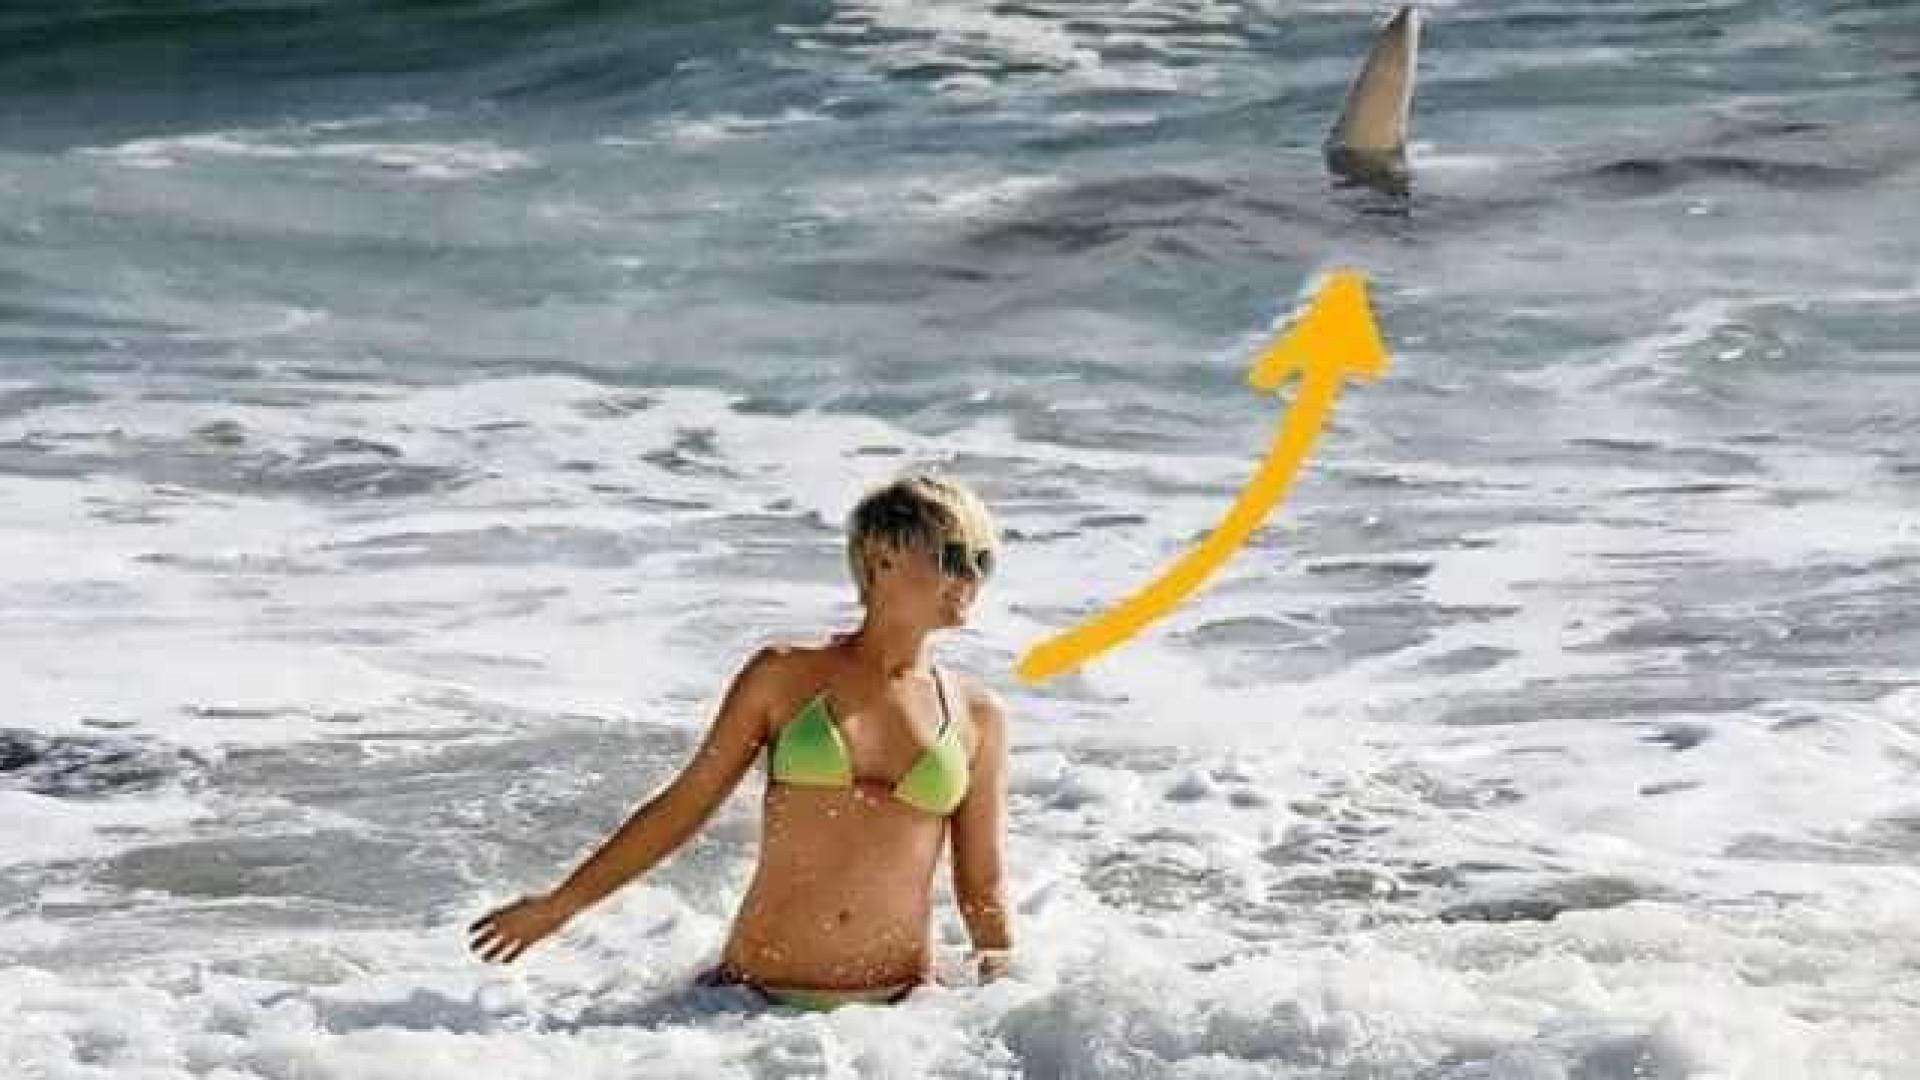 Atriz confunde alerta de tubarão com assédio de fã e se salva por pouco